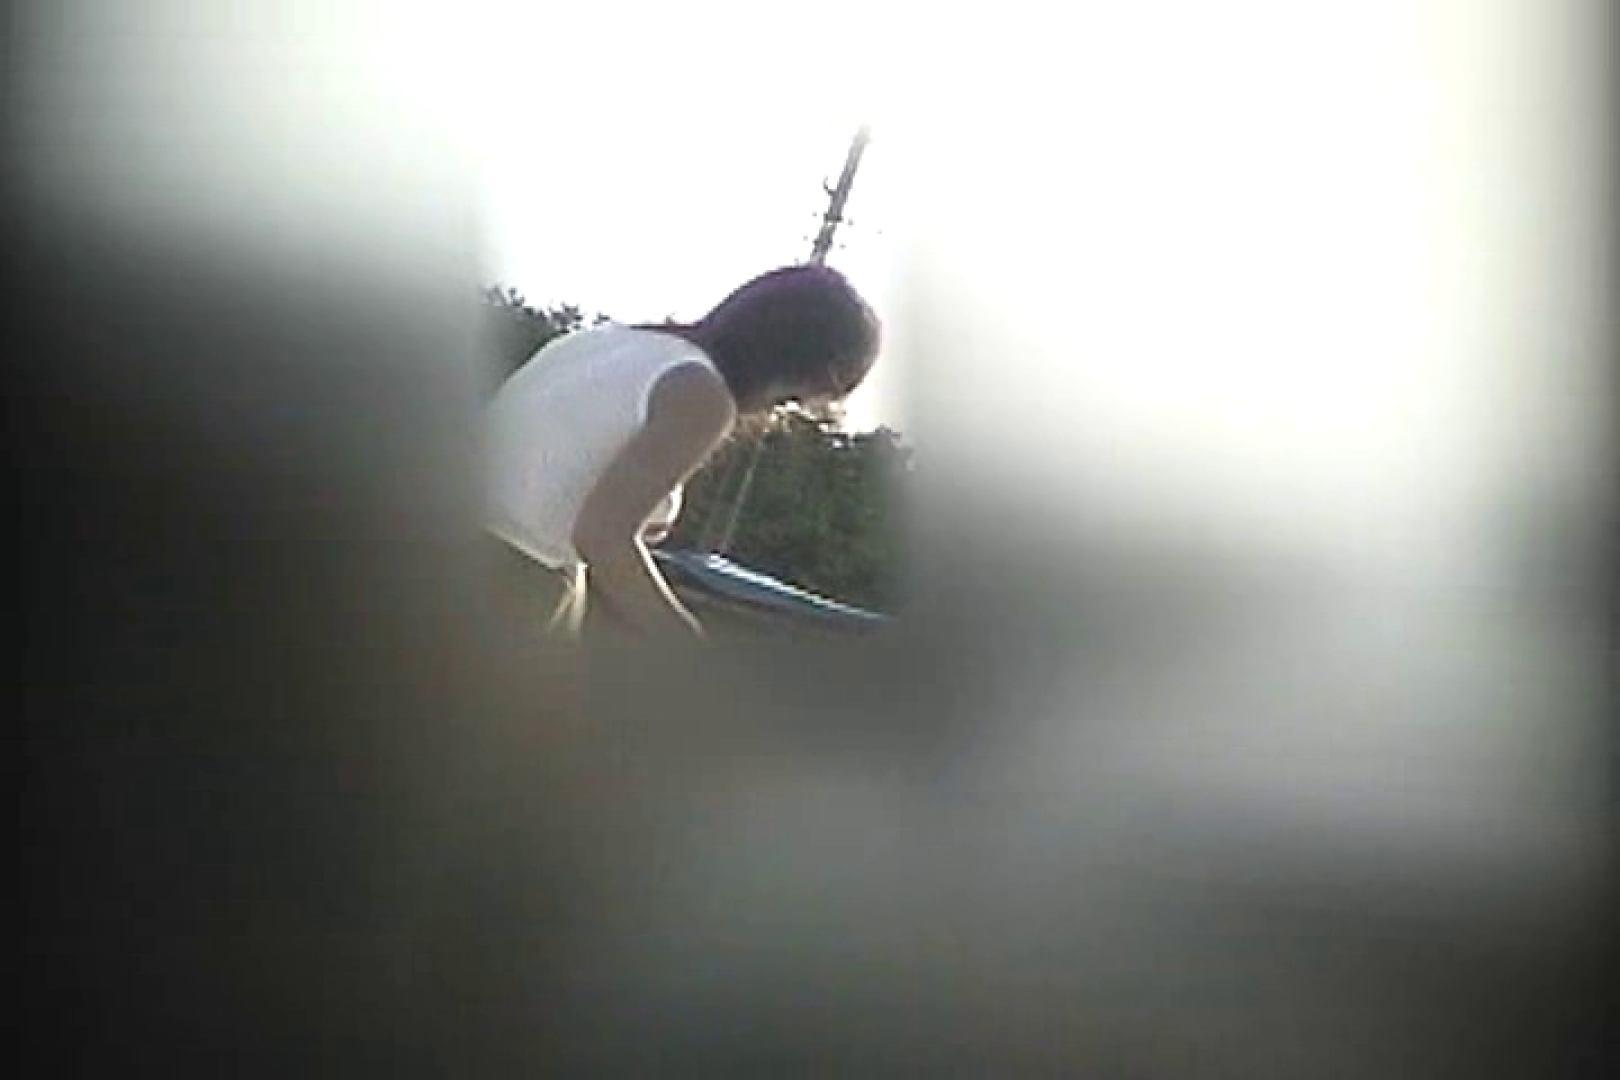 サターンさんのウル技炸裂!!夏乙女★海の家シャワー室絵巻 Vol.01 シャワー  108枚 96